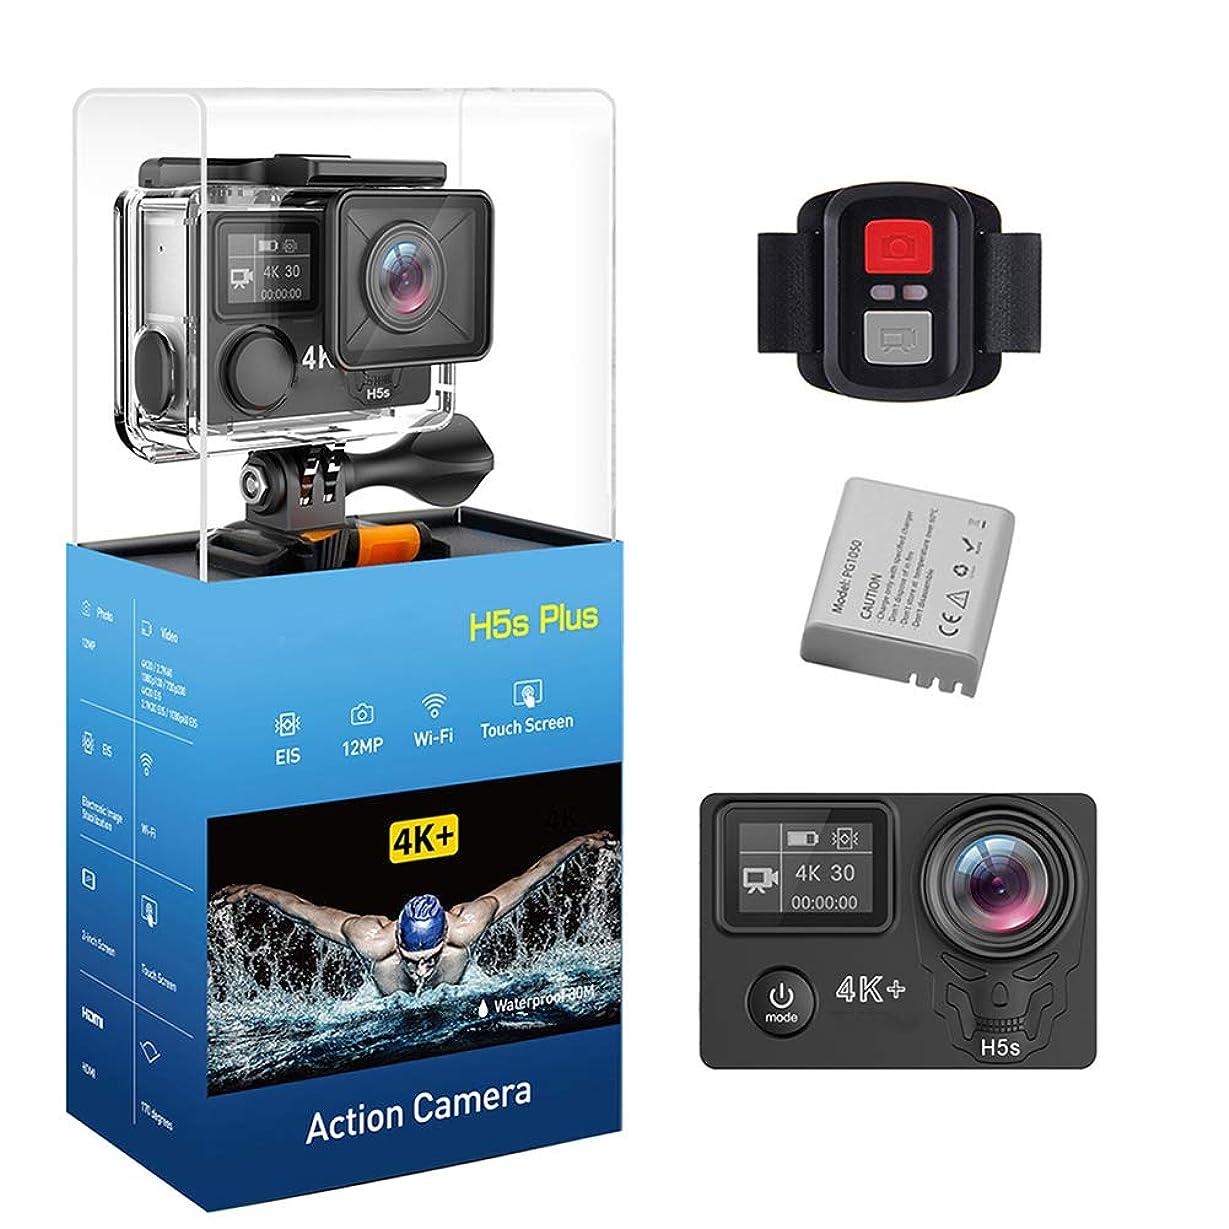 低いカテナやさしく新しいモーションカメラ4KモーションDV WiFiアクションカメラ防水スポーツカメラフルHD 4K30 2.7K30 1080p60 720p120ビデオカメラ170広角レンズ